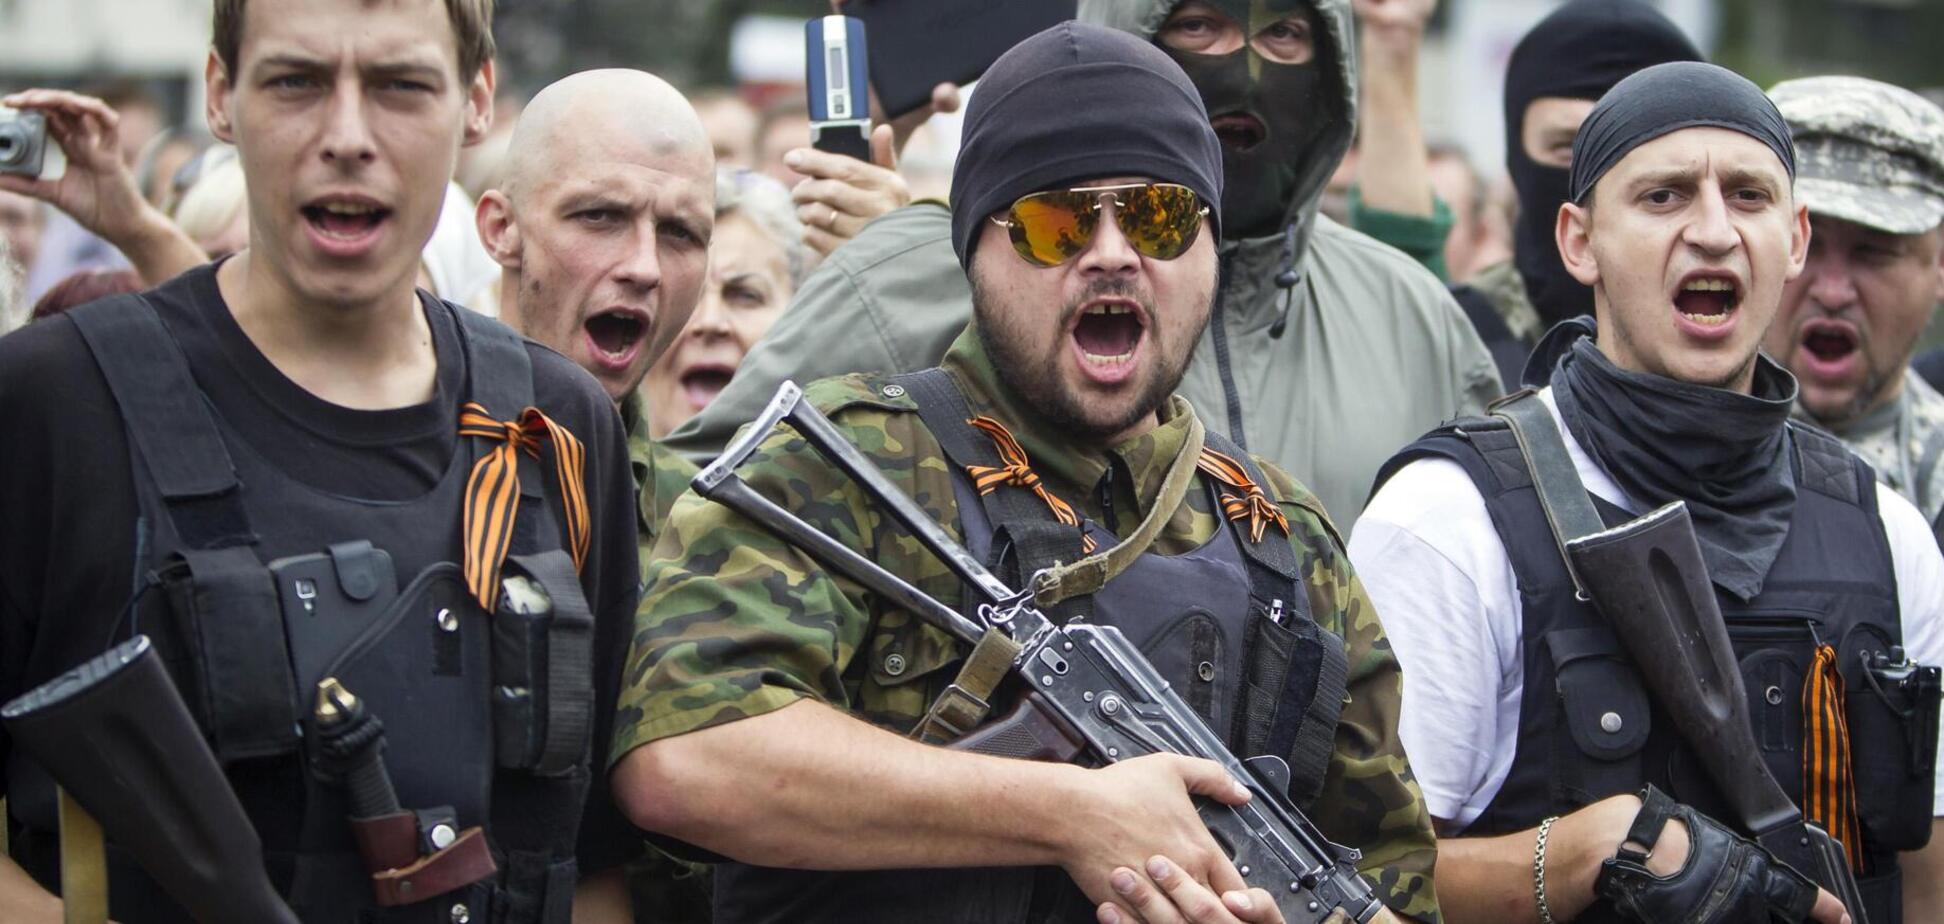 Терористи на Донбасі запустили фейк про ЗСУ